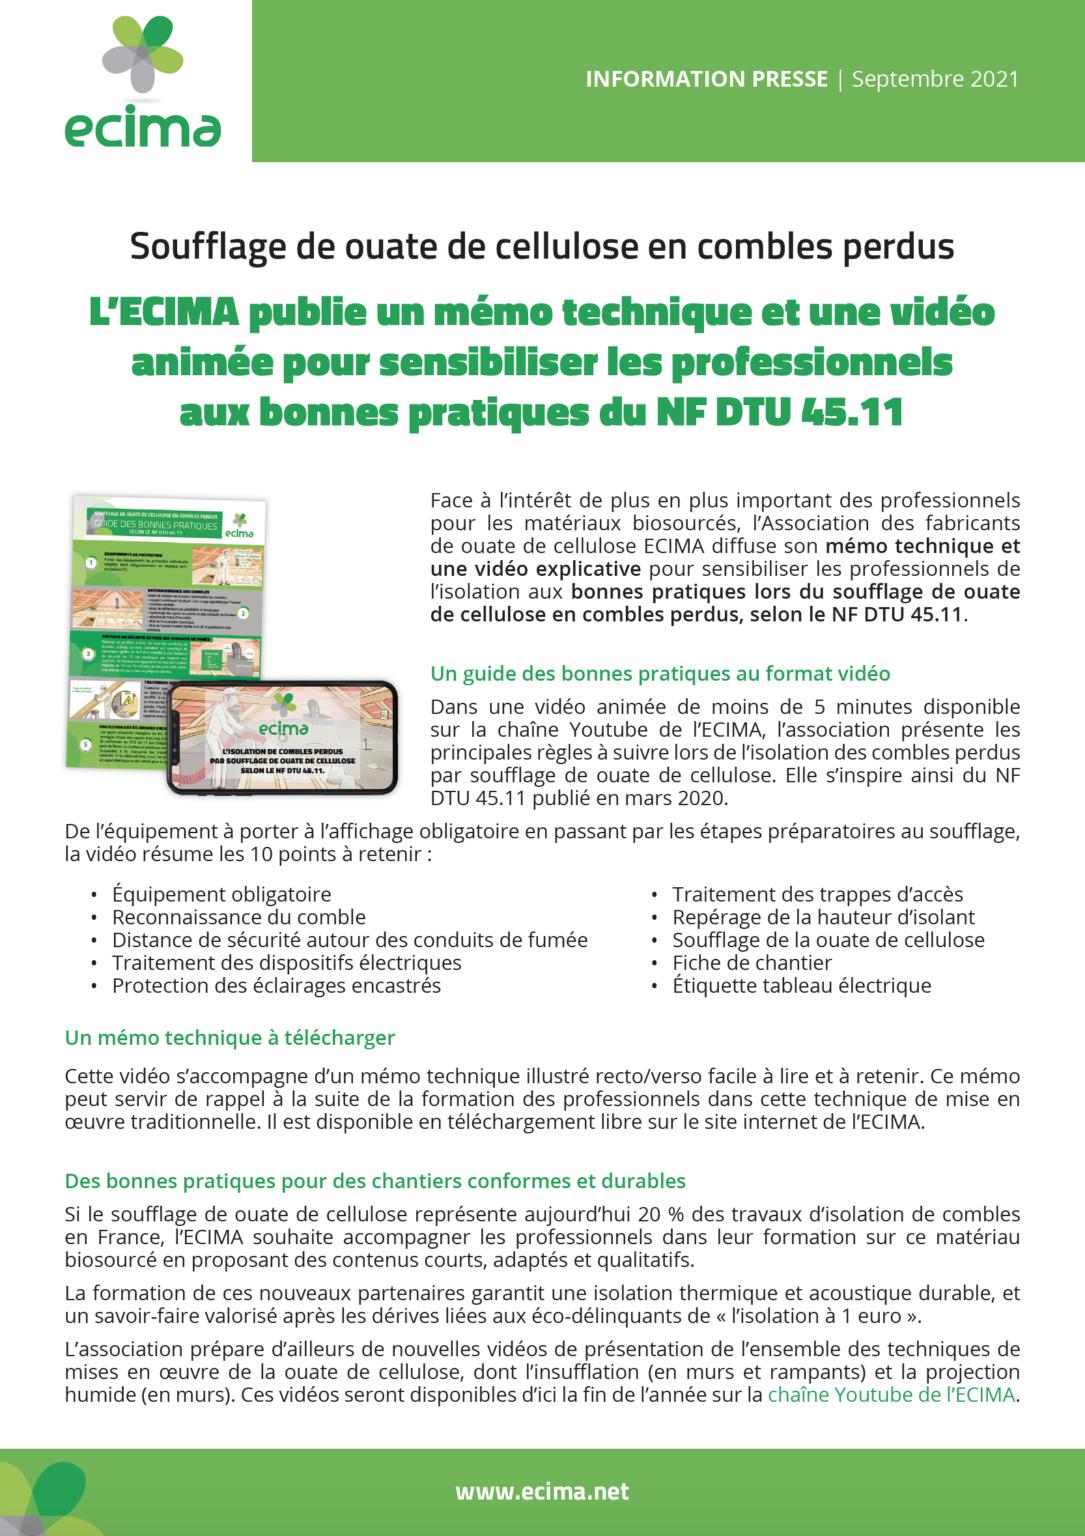 2021-09 CP ECIMA Vidéo et Mémo Technique DTU 45.11